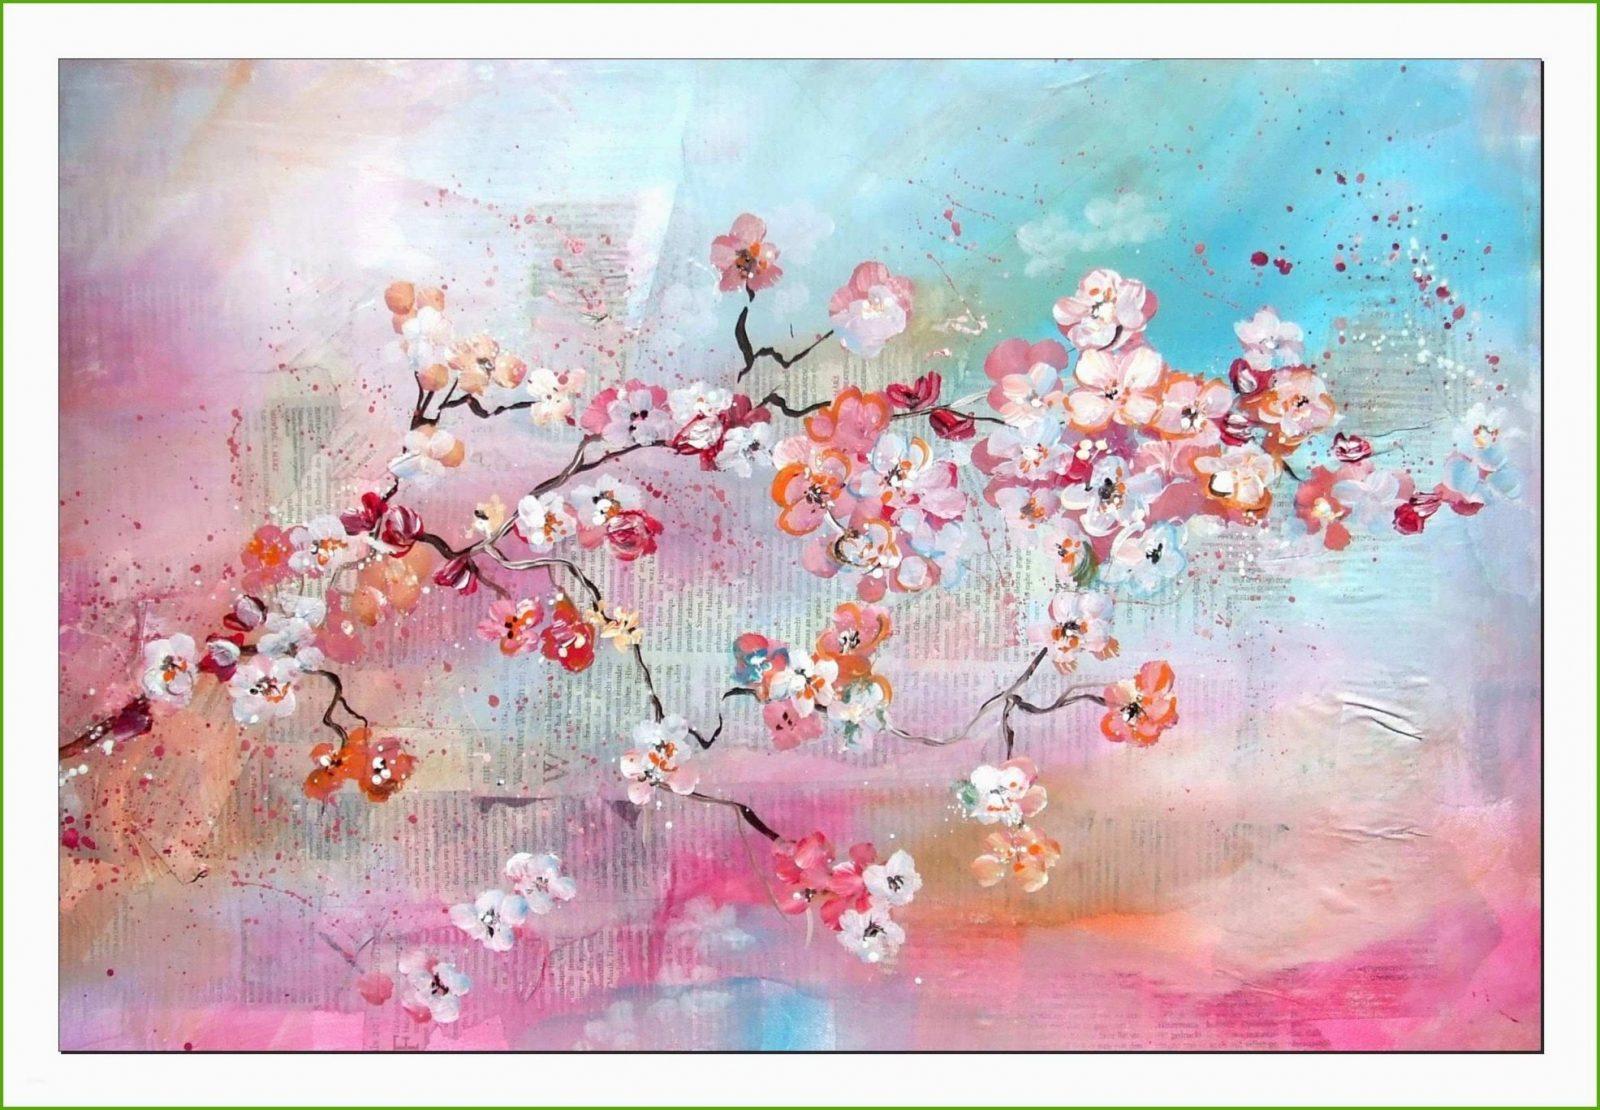 Bilder Selber Malen Mit Acryl Vorlagen 17 Ideen Nur Für Sie von Acrylbilder Selber Malen Vorlagen Bild